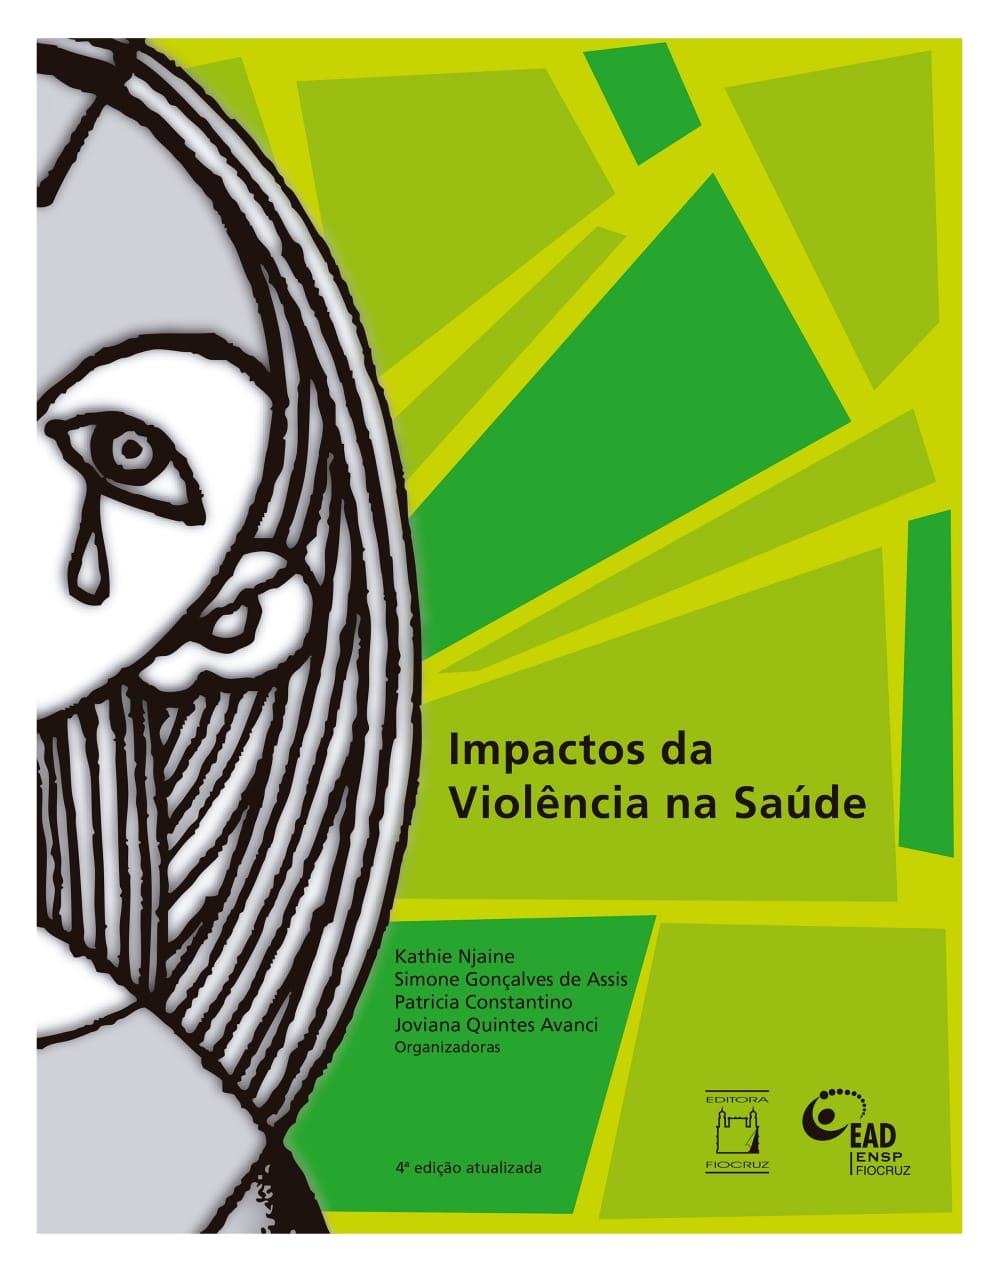 Impactos da Violência na Saúde  - Livraria Virtual da Editora Fiocruz